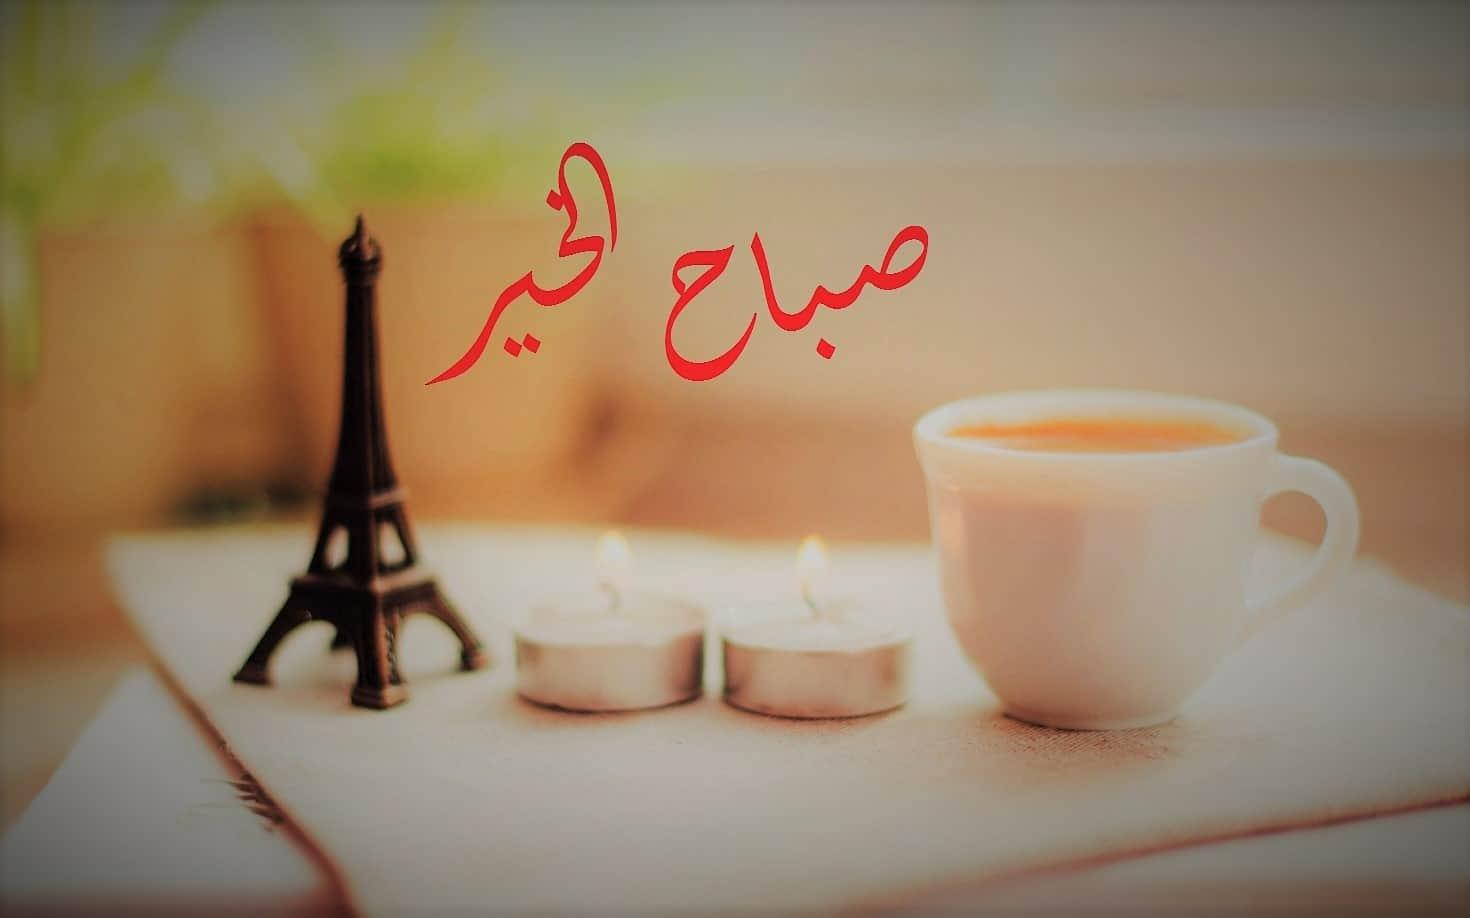 صور اجمل كلمات الصباح , احلى كلام في الصباح